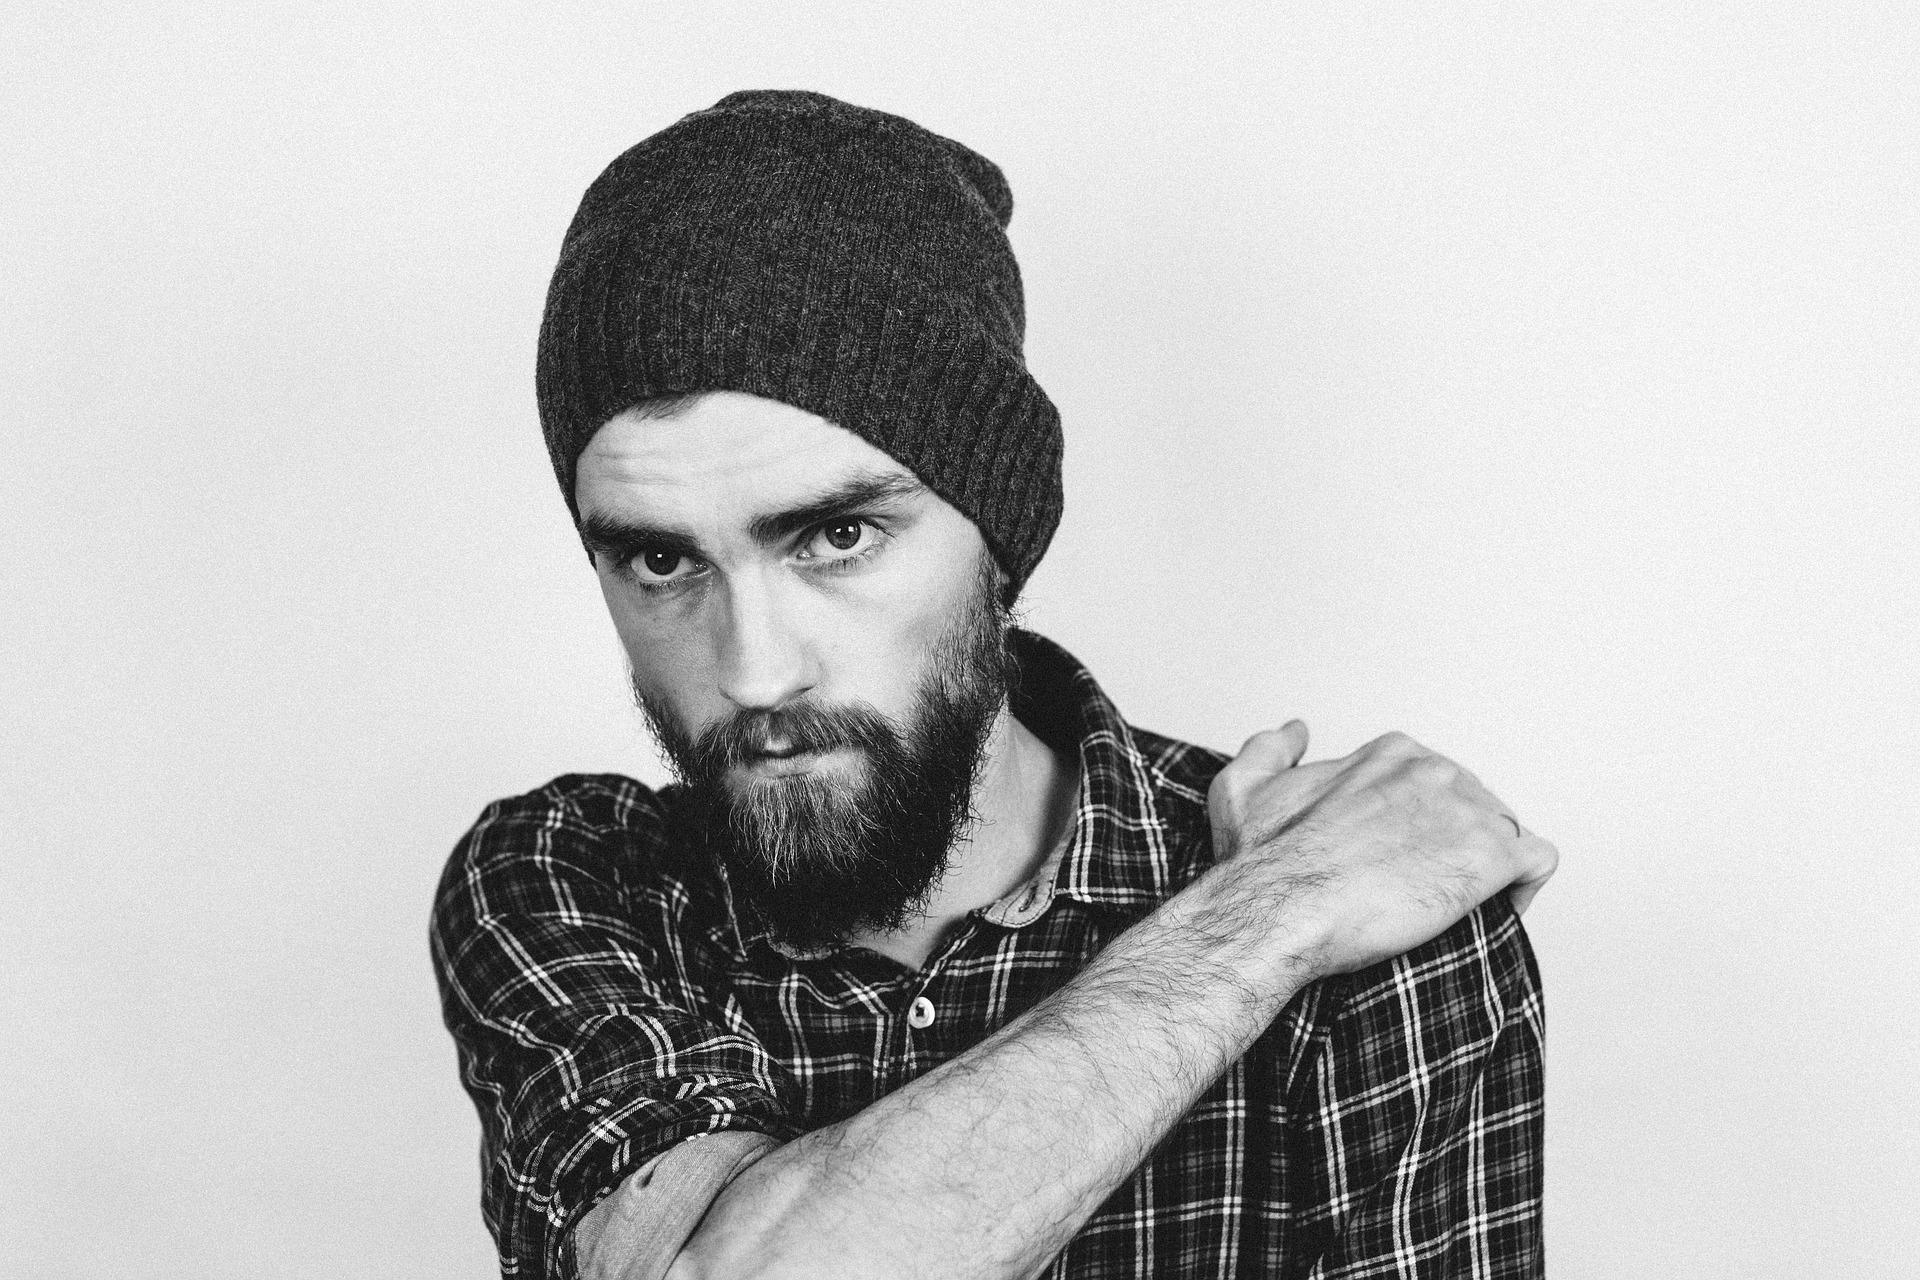 Quels soins pour la barbe?